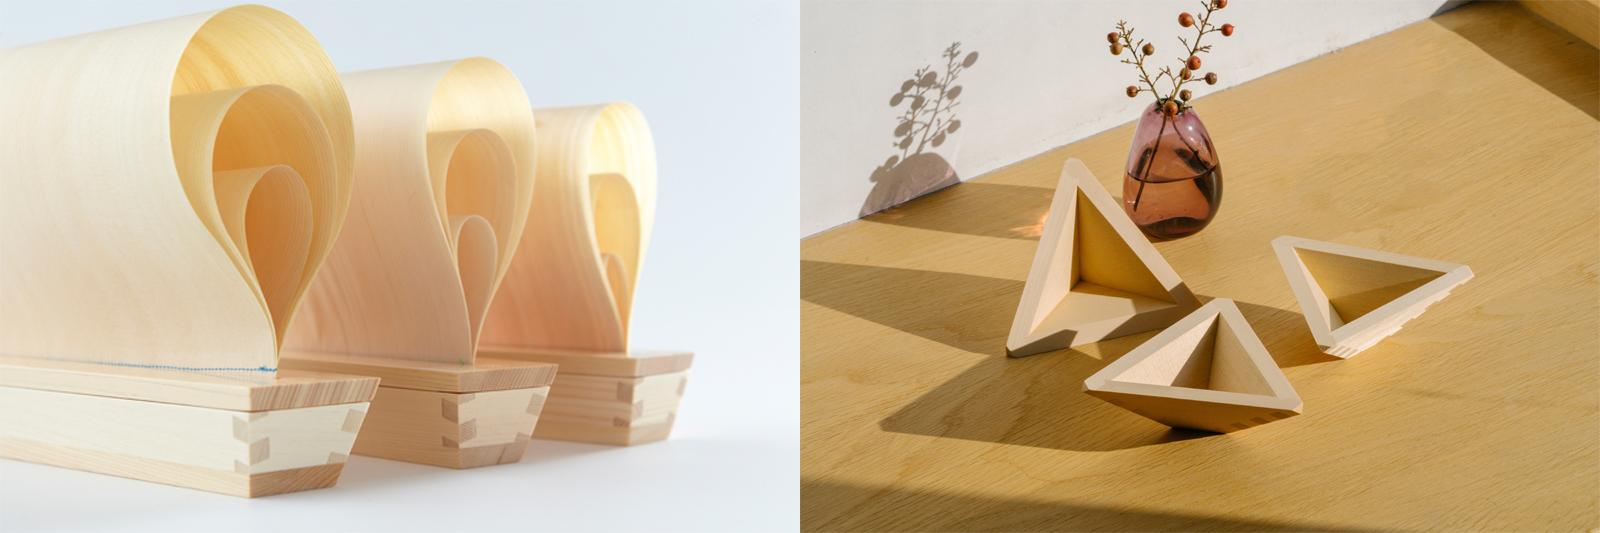 左 ヨットを想起させる「マスト」、右 '11にグッドデザイン賞受賞の「すいちょこ」